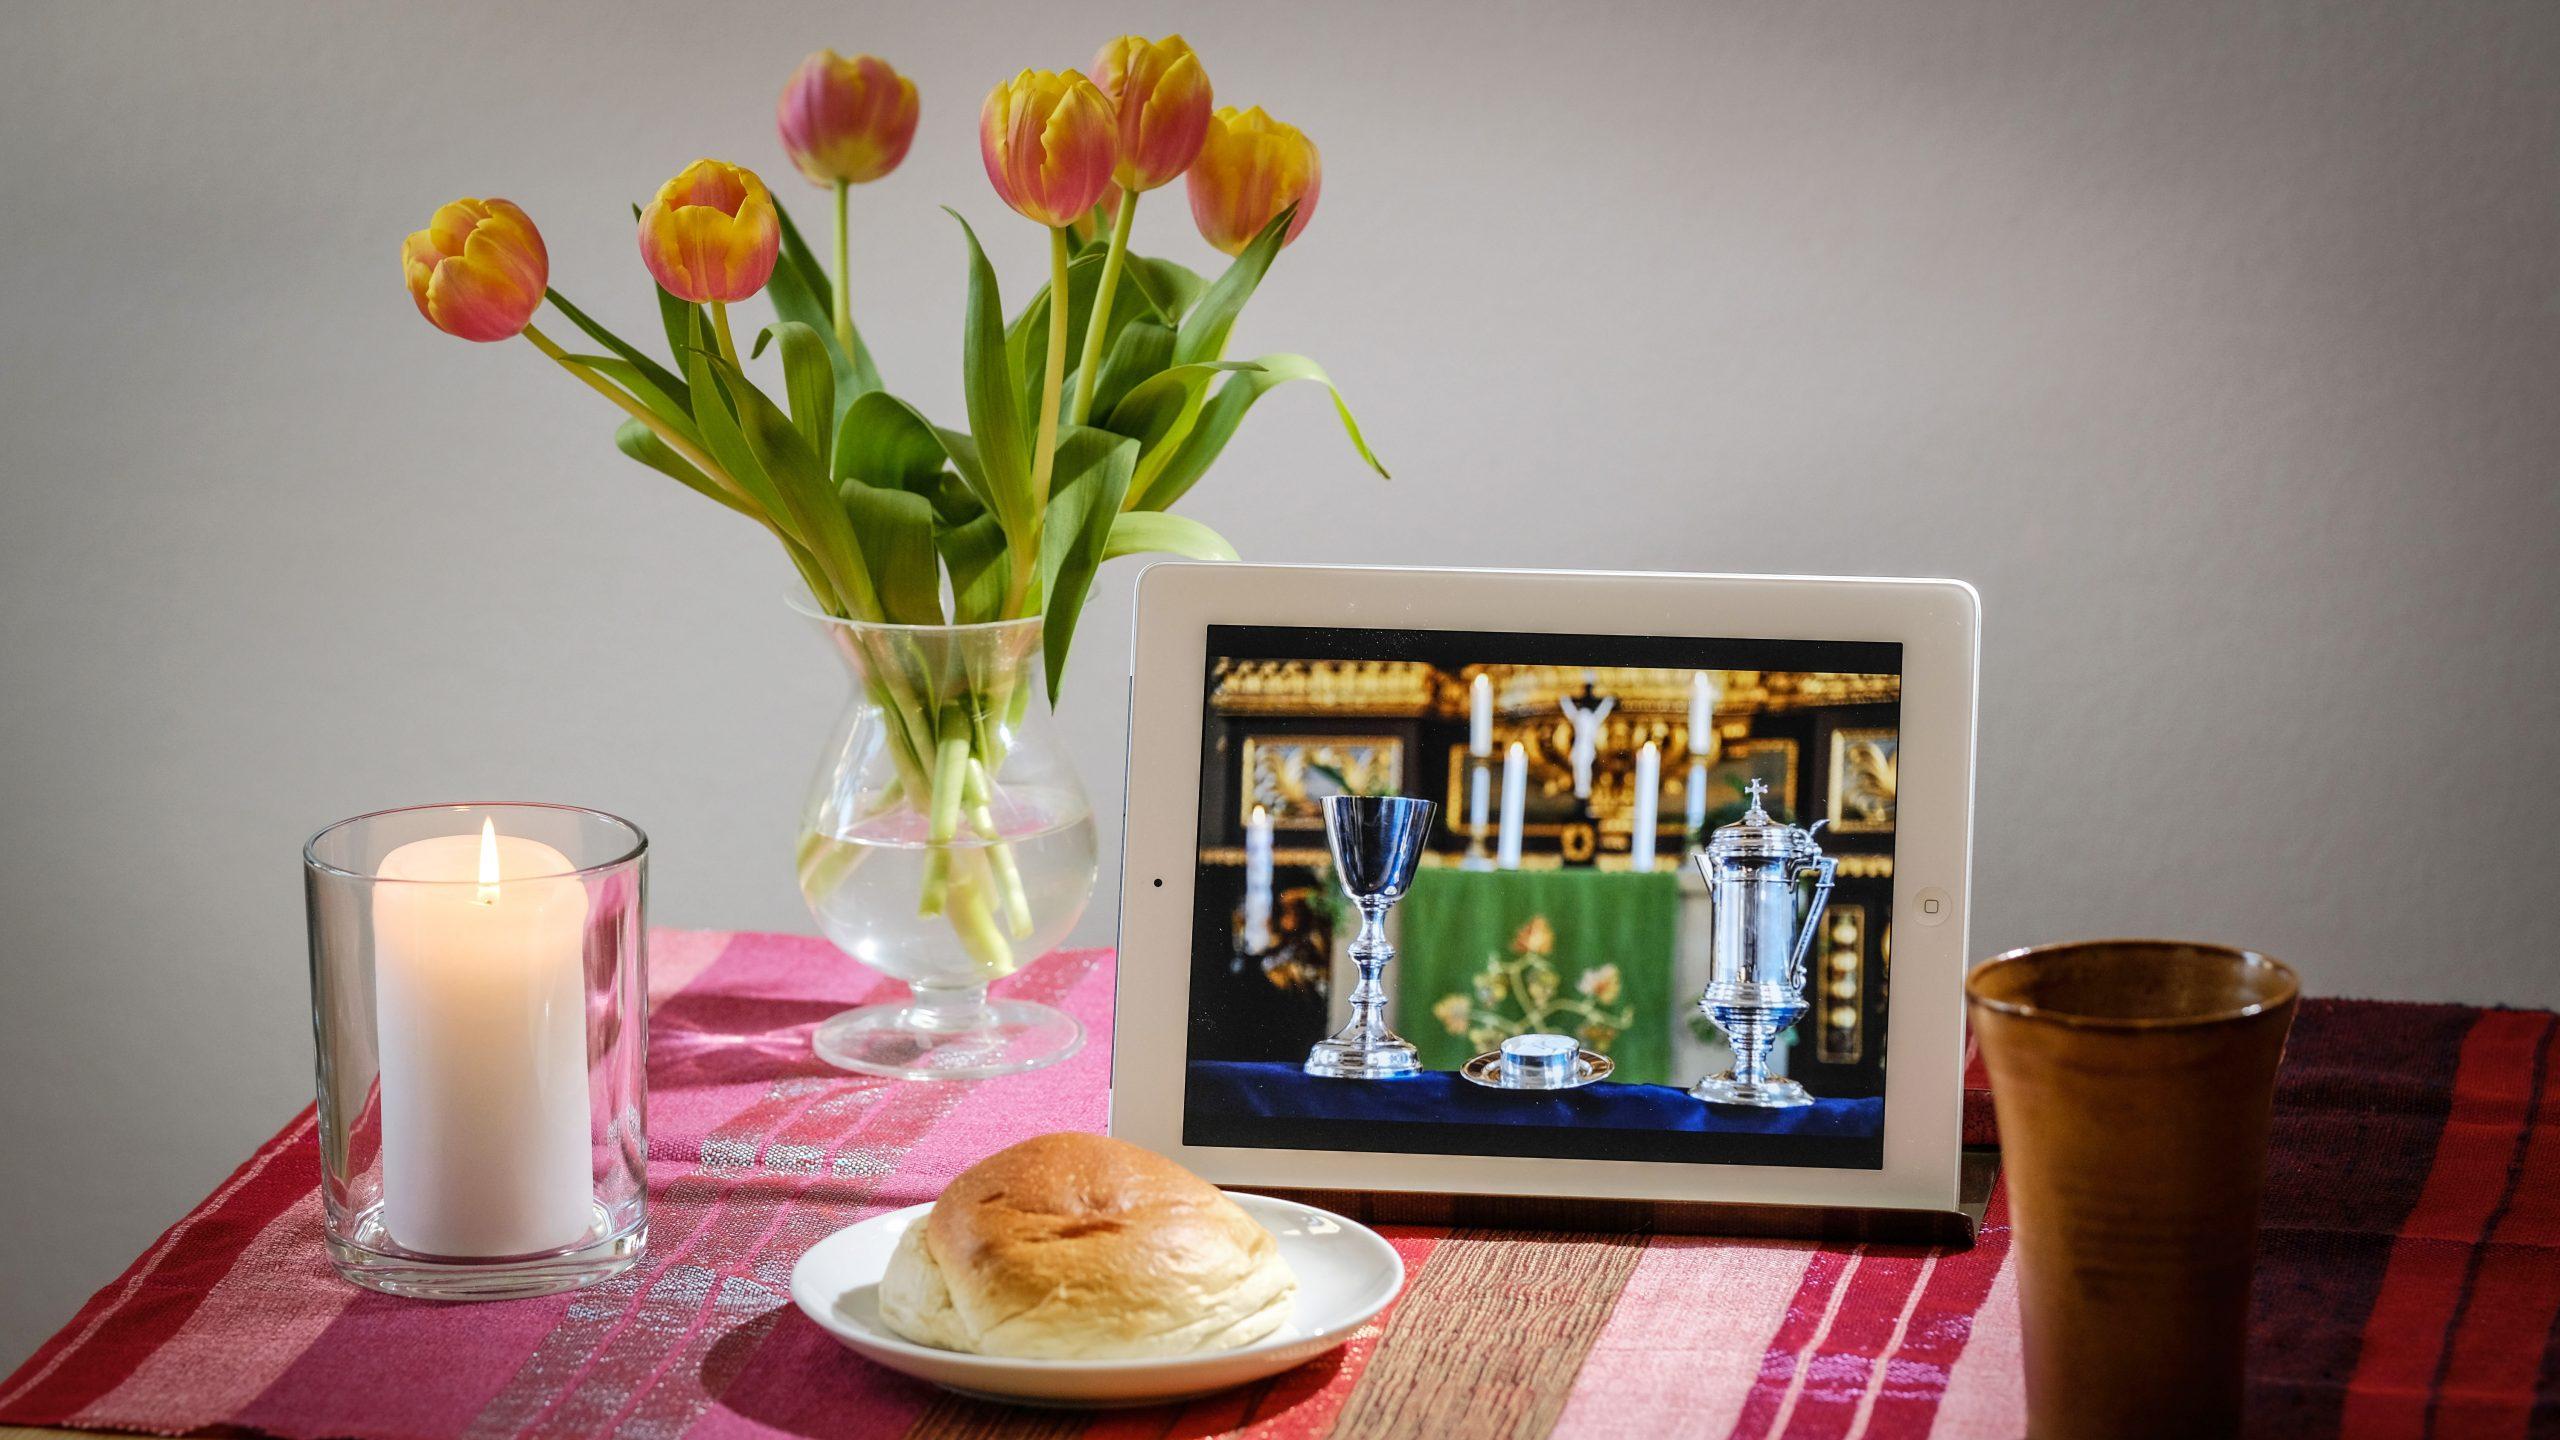 Online Abendmahl feiern: Ein Feierabendmahl zuhause und verbunden mit anderen